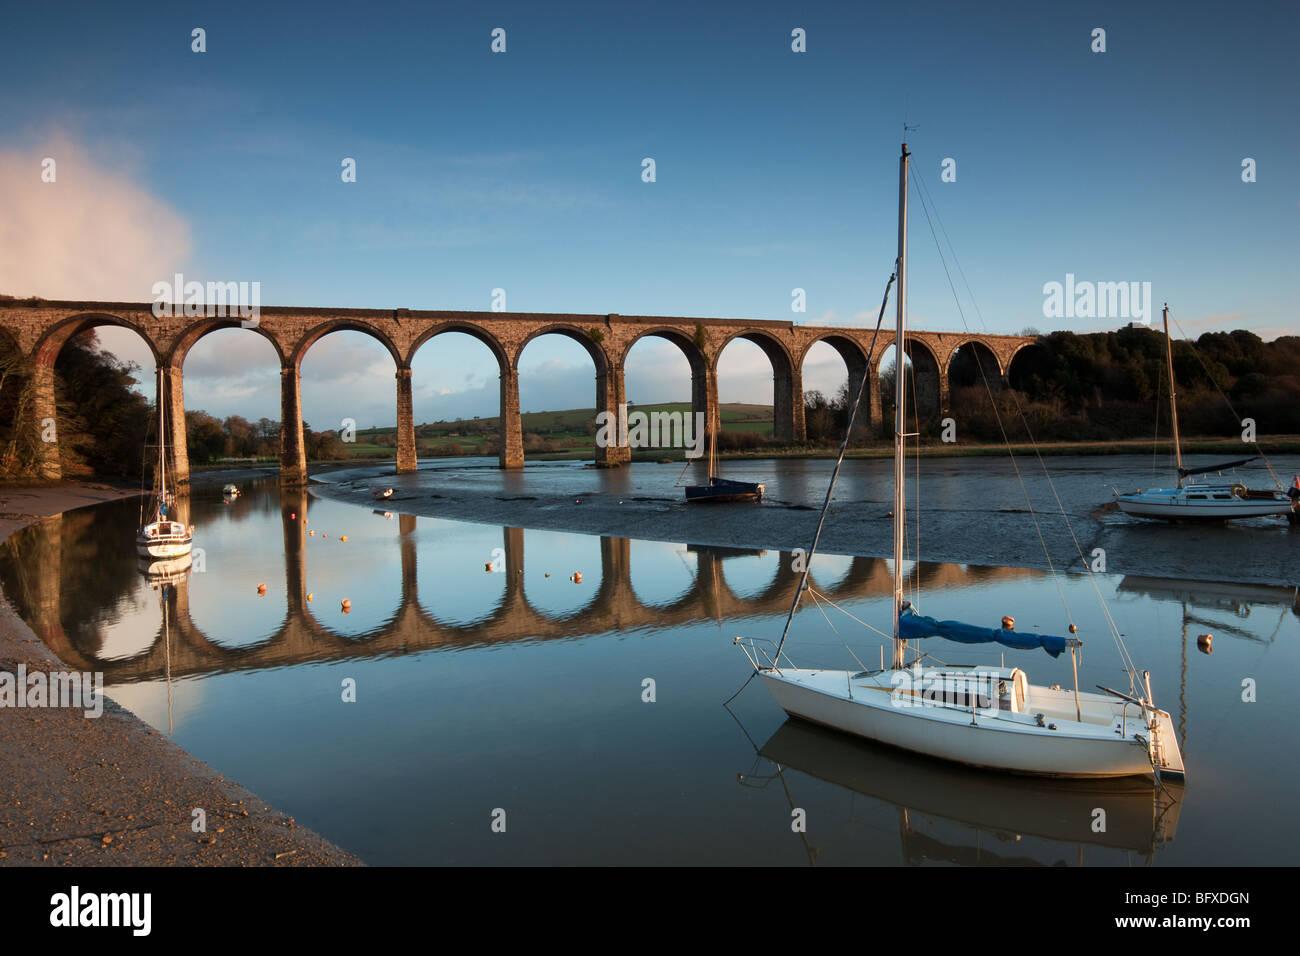 Der Viadukt bei St. Deutschen in Cornwall, trägt dies die wichtigsten Eisenbahnstrecke in und aus Cornwall. Stockbild